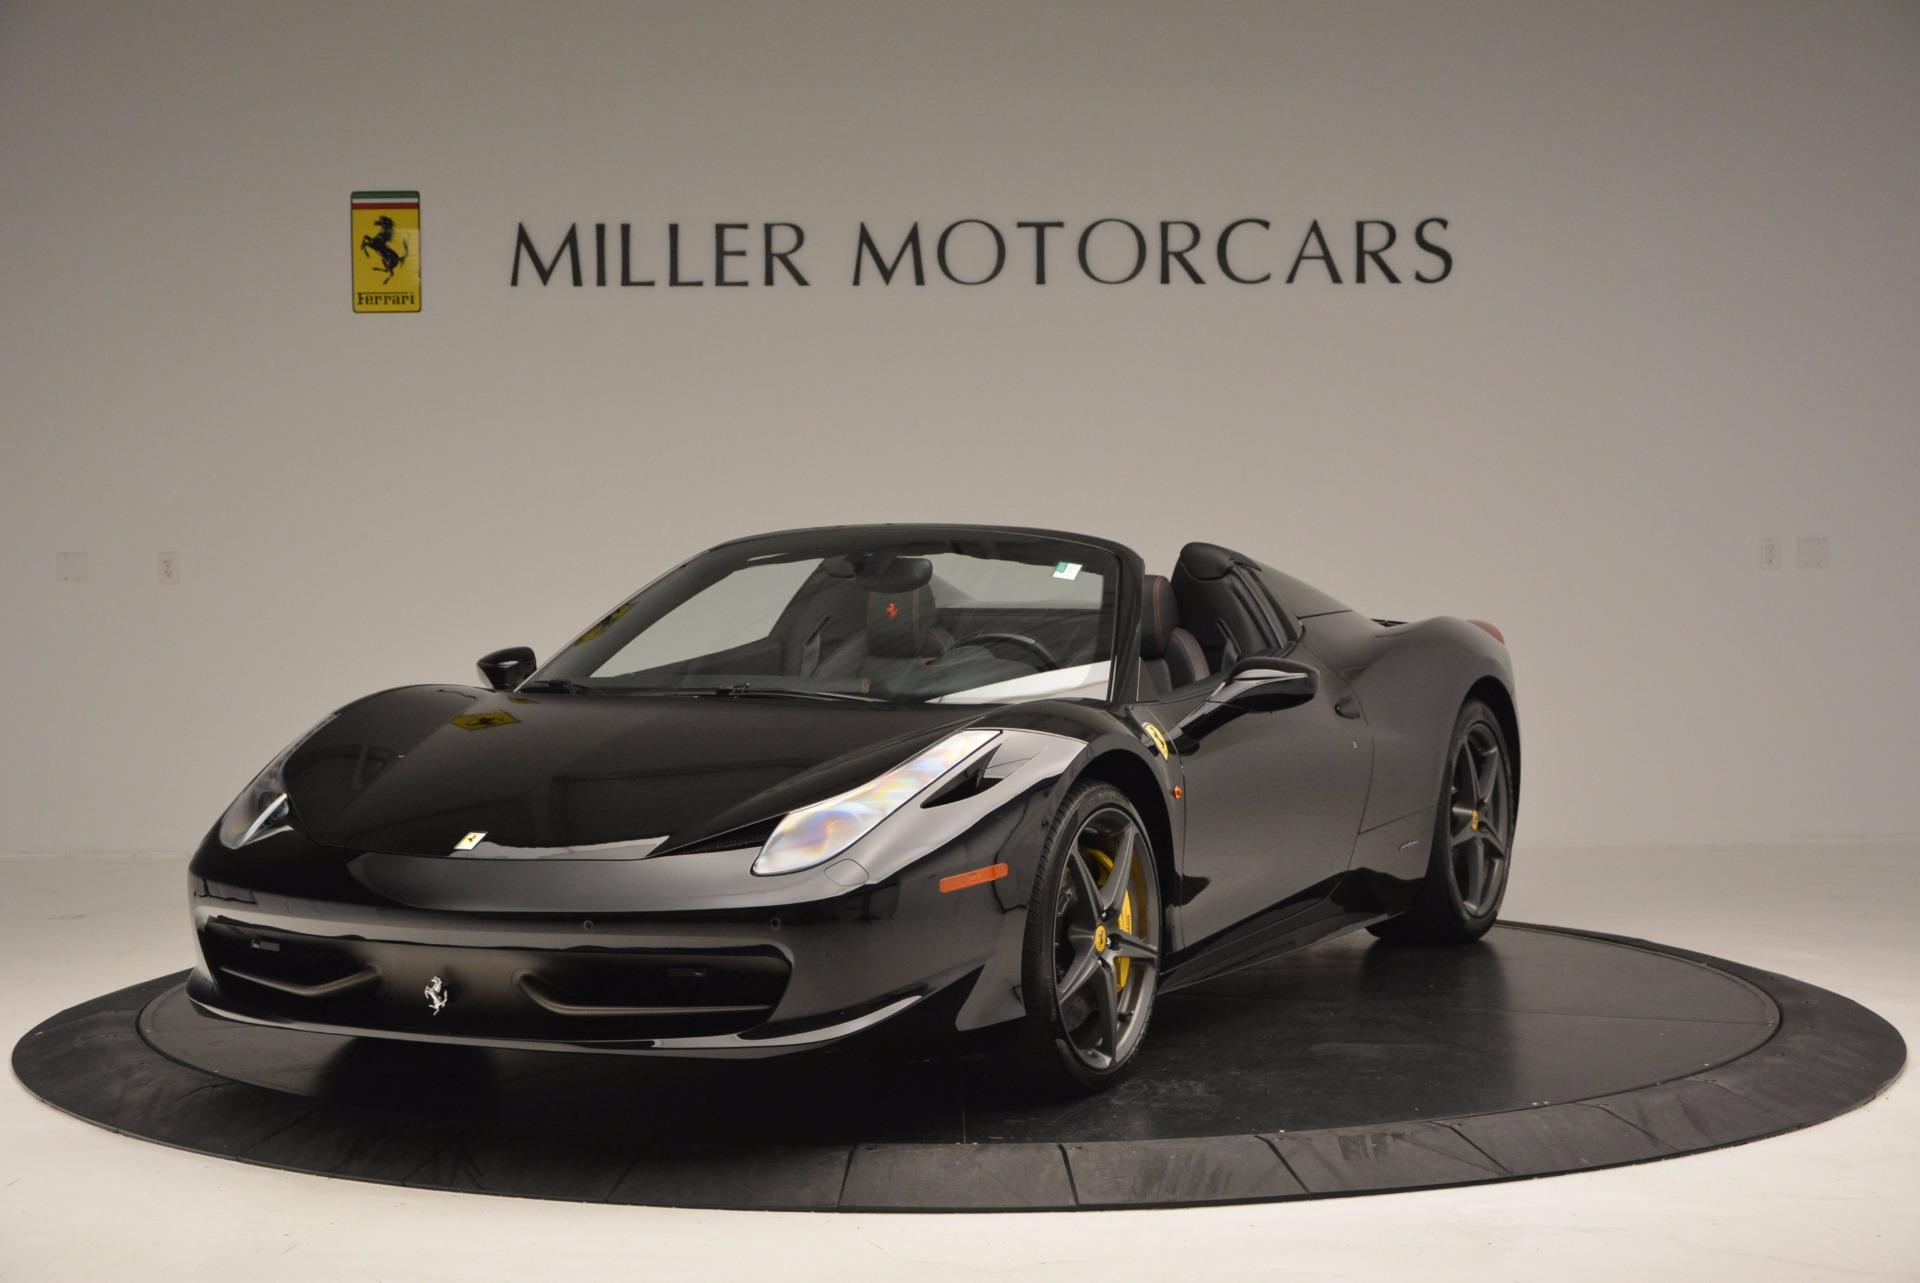 Used 2014 Ferrari 458 Spider for sale Sold at Bugatti of Greenwich in Greenwich CT 06830 1